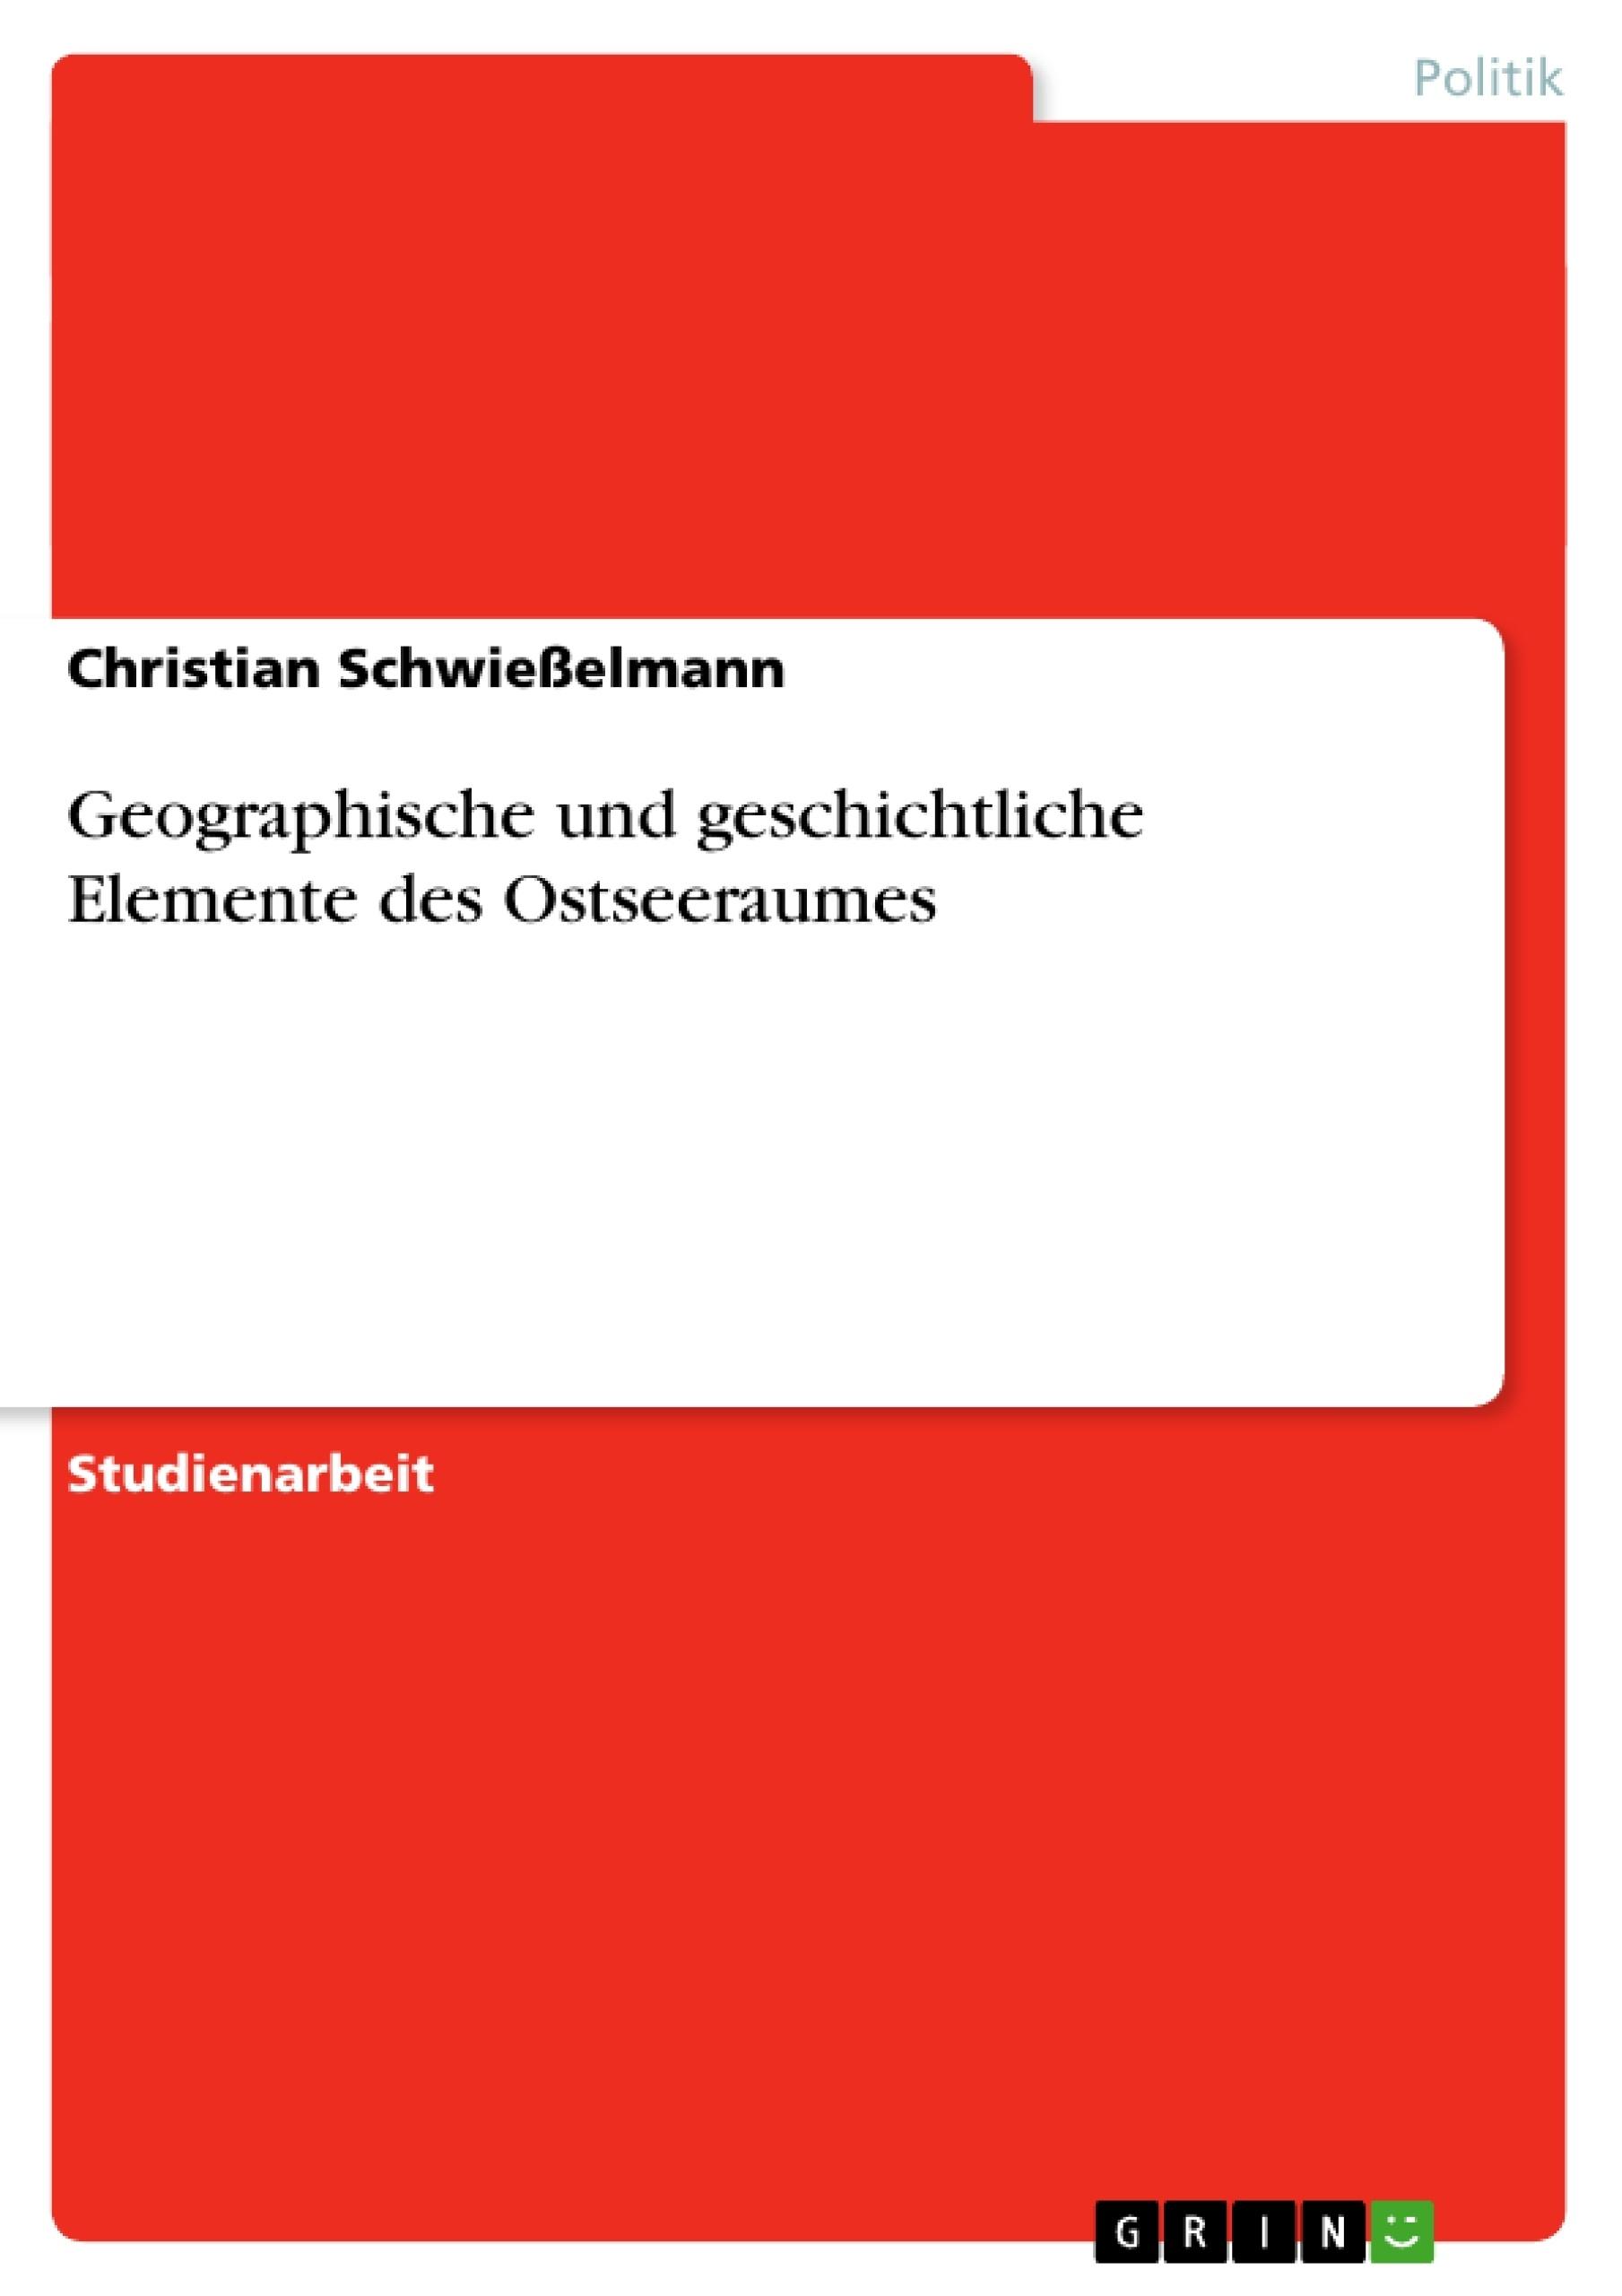 Titel: Geographische und geschichtliche Elemente des Ostseeraumes